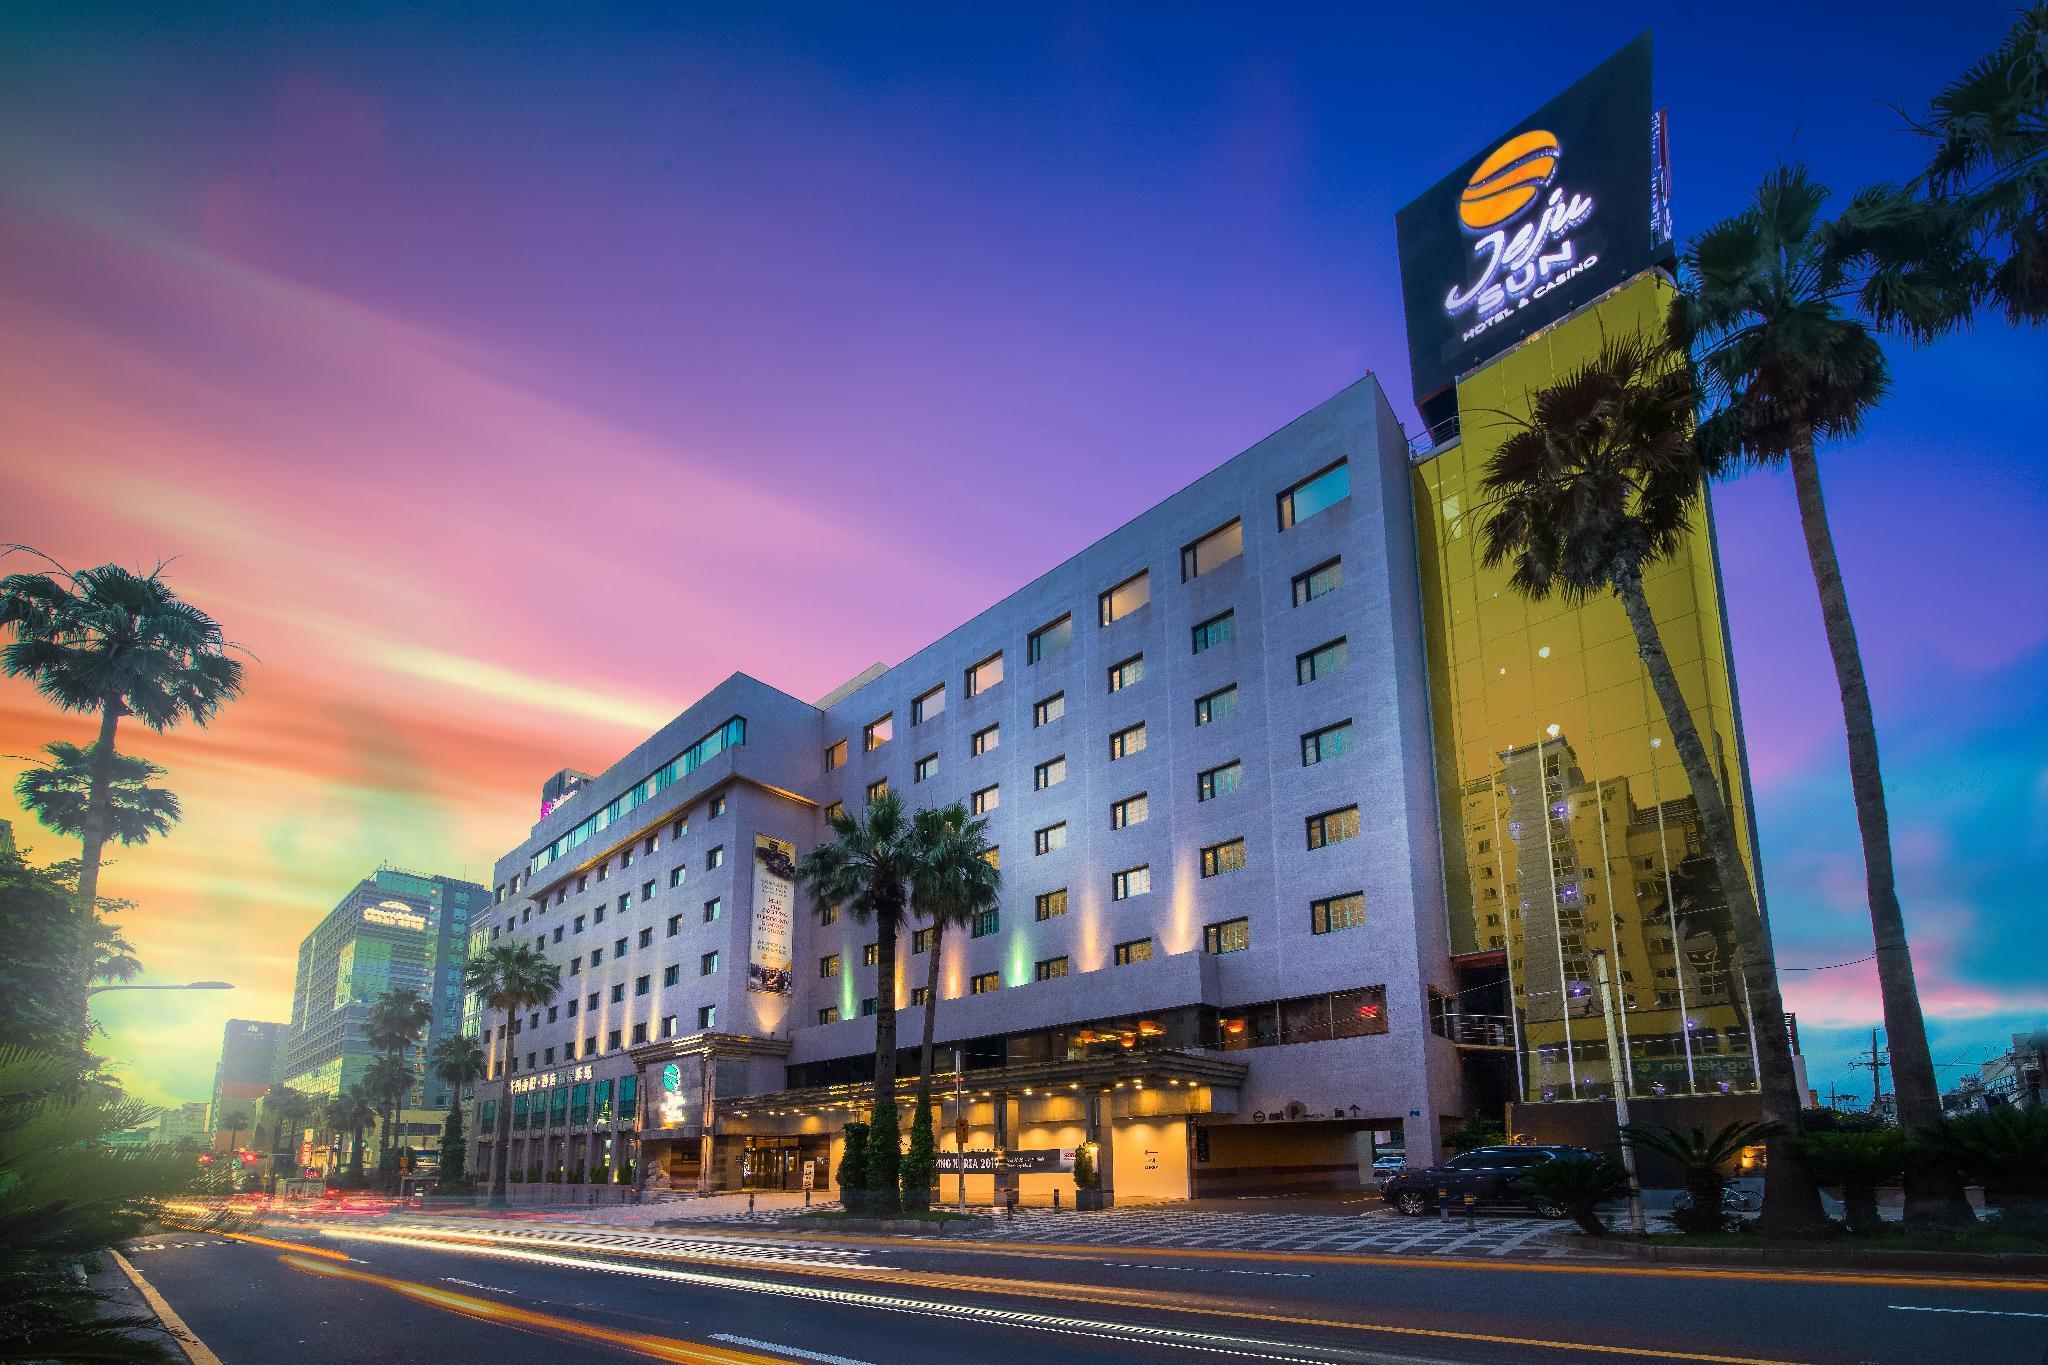 Jeju Sun Hotel And Casino